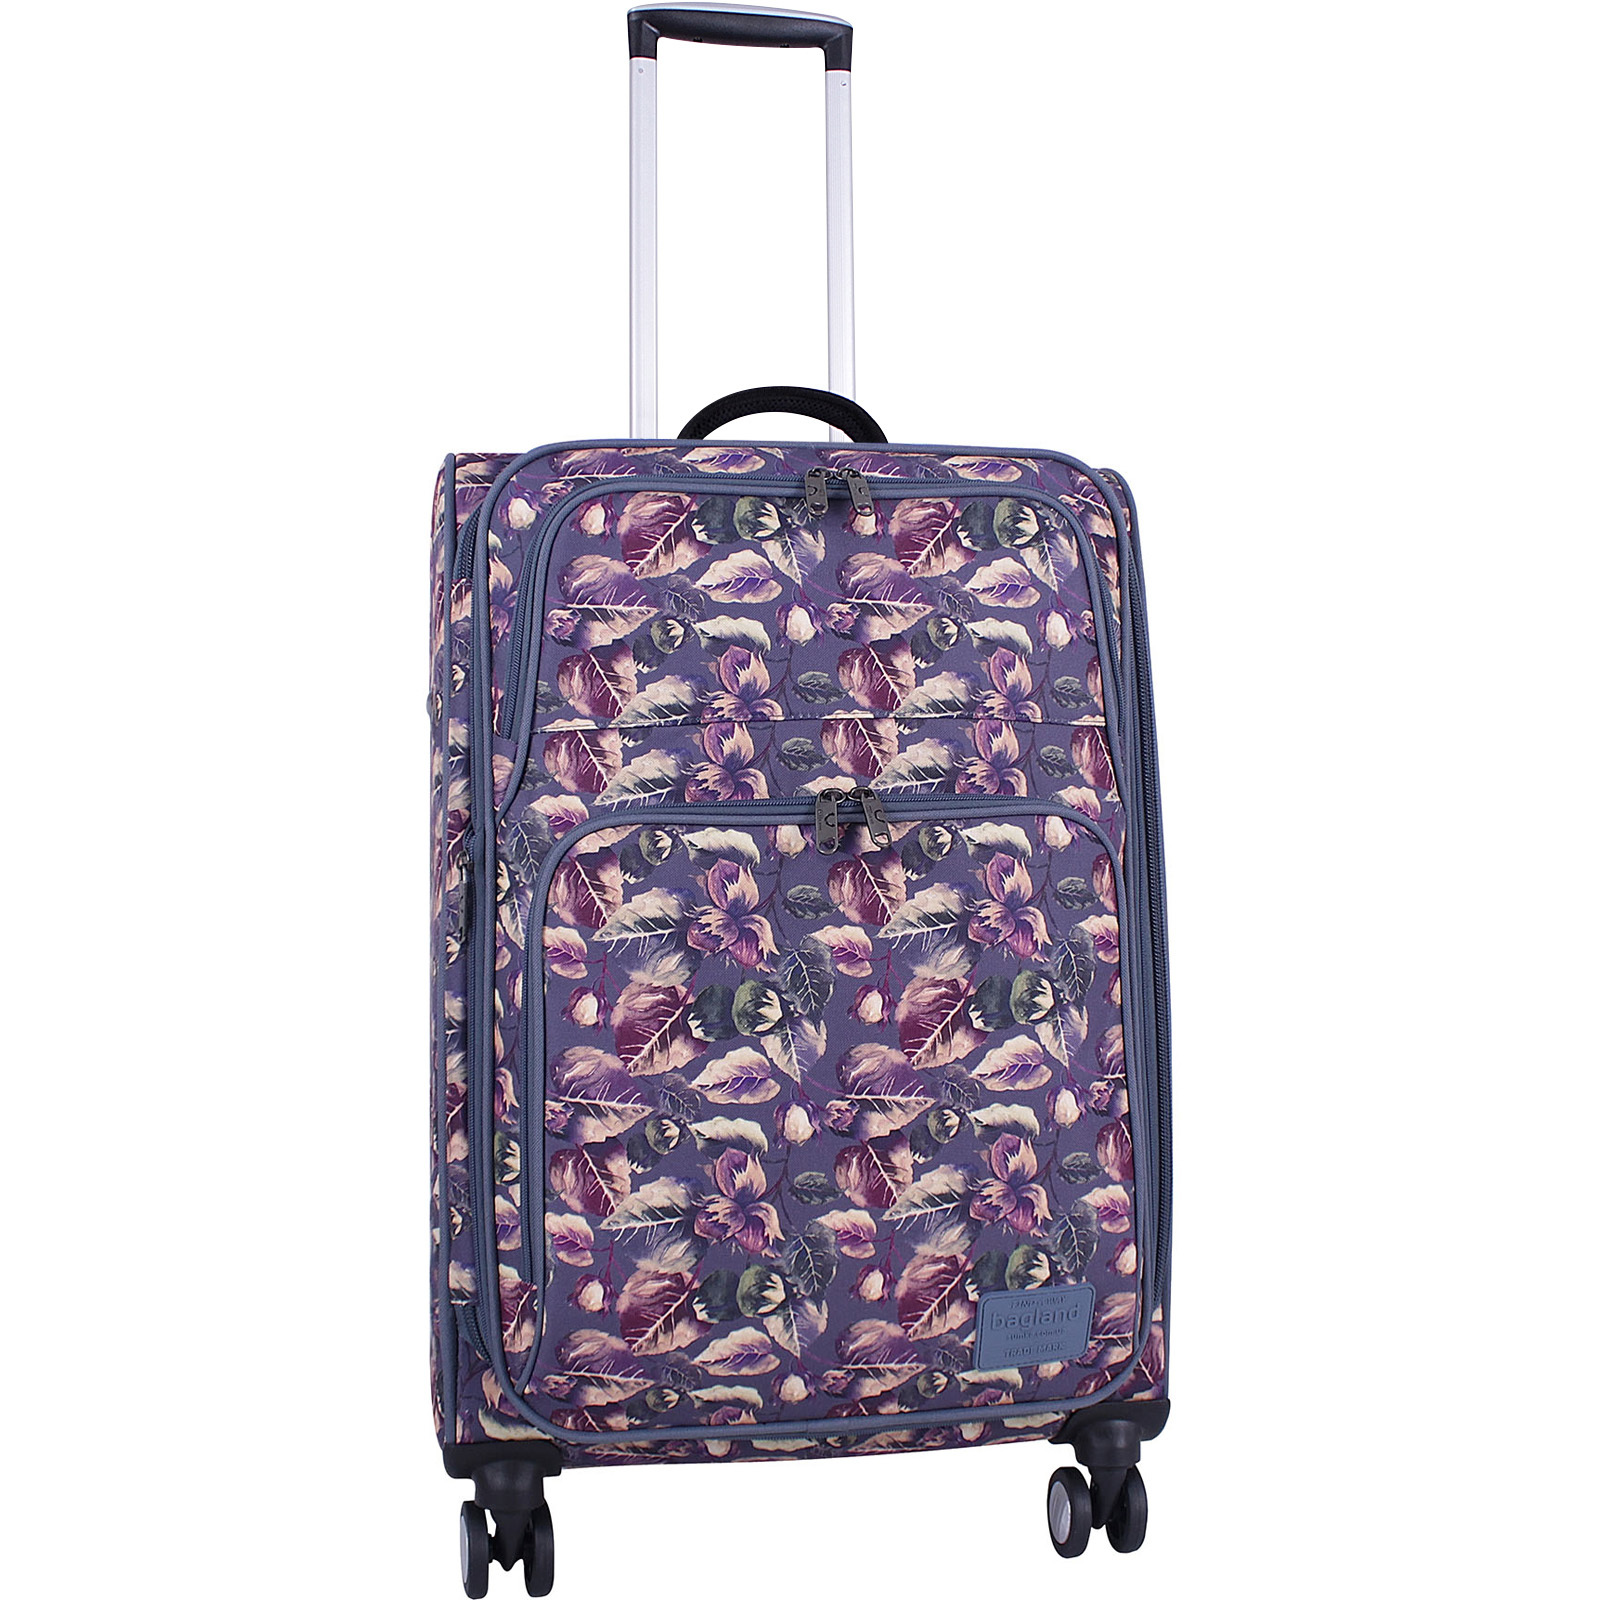 Дорожные чемоданы Чемодан Bagland Валенсия средний дизайн 63 л. сублимация 339 (0037966244) IMG_6686_суб.339_.JPG